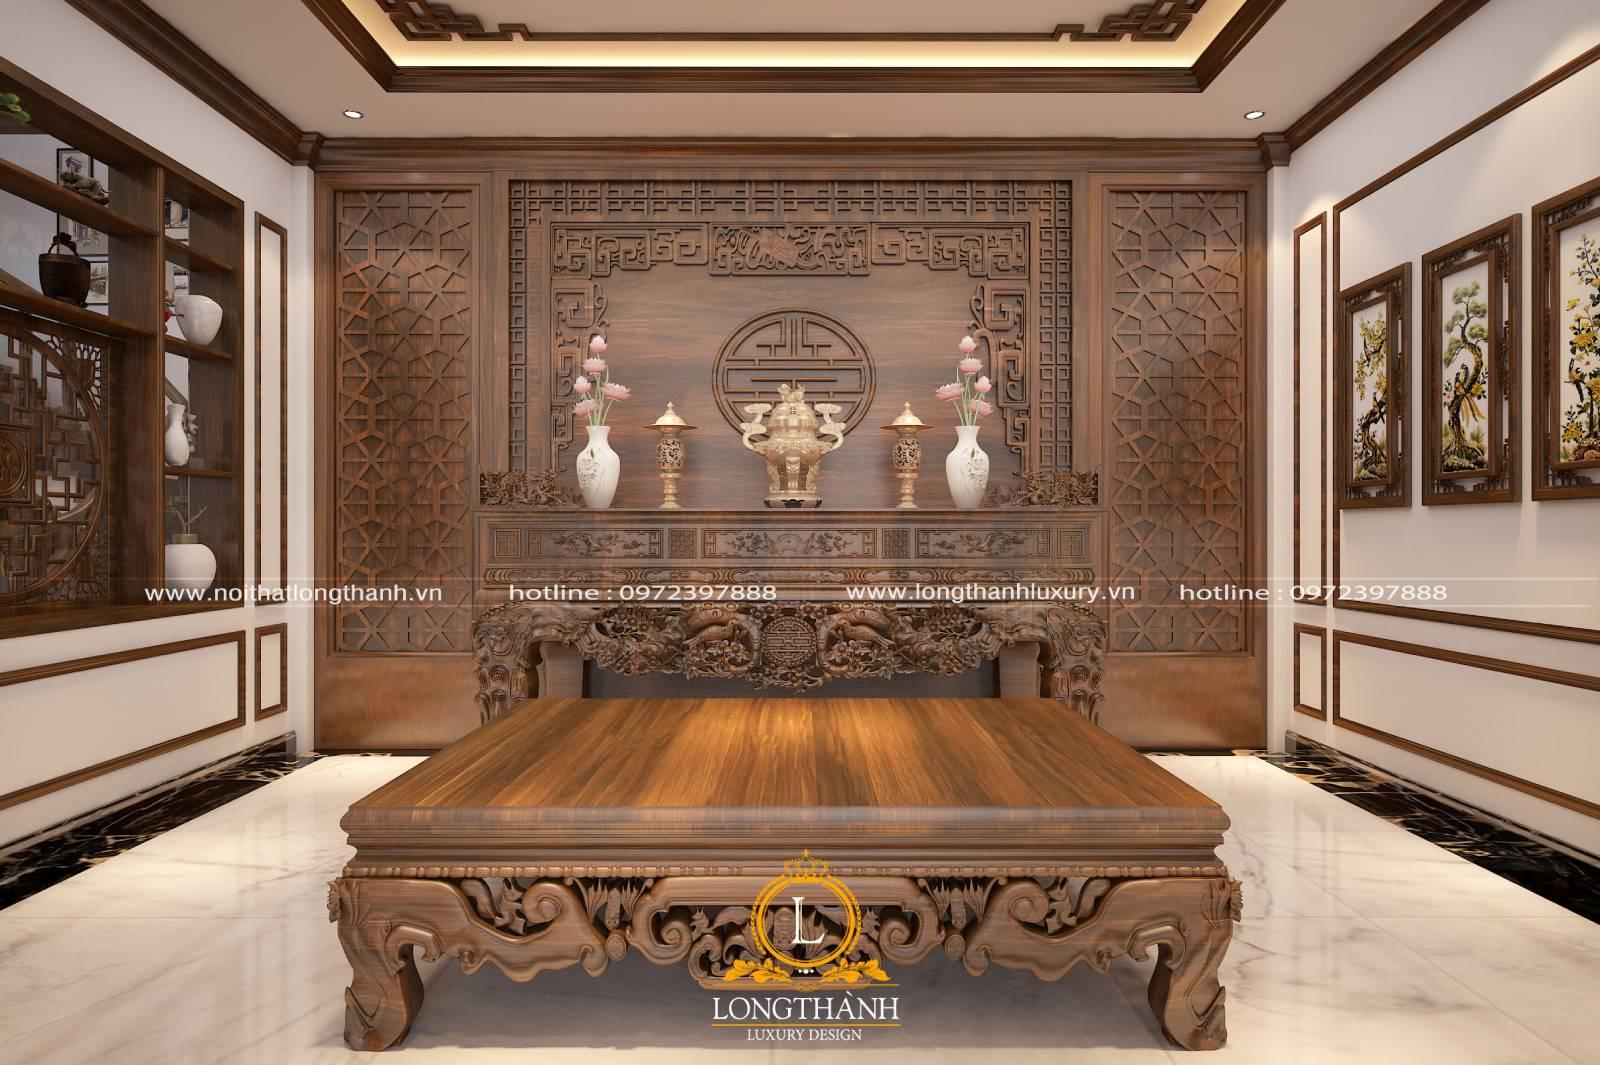 Gỗ Gụ là một loại gỗ quý ở Việt Nam và có nhiều ở Lào